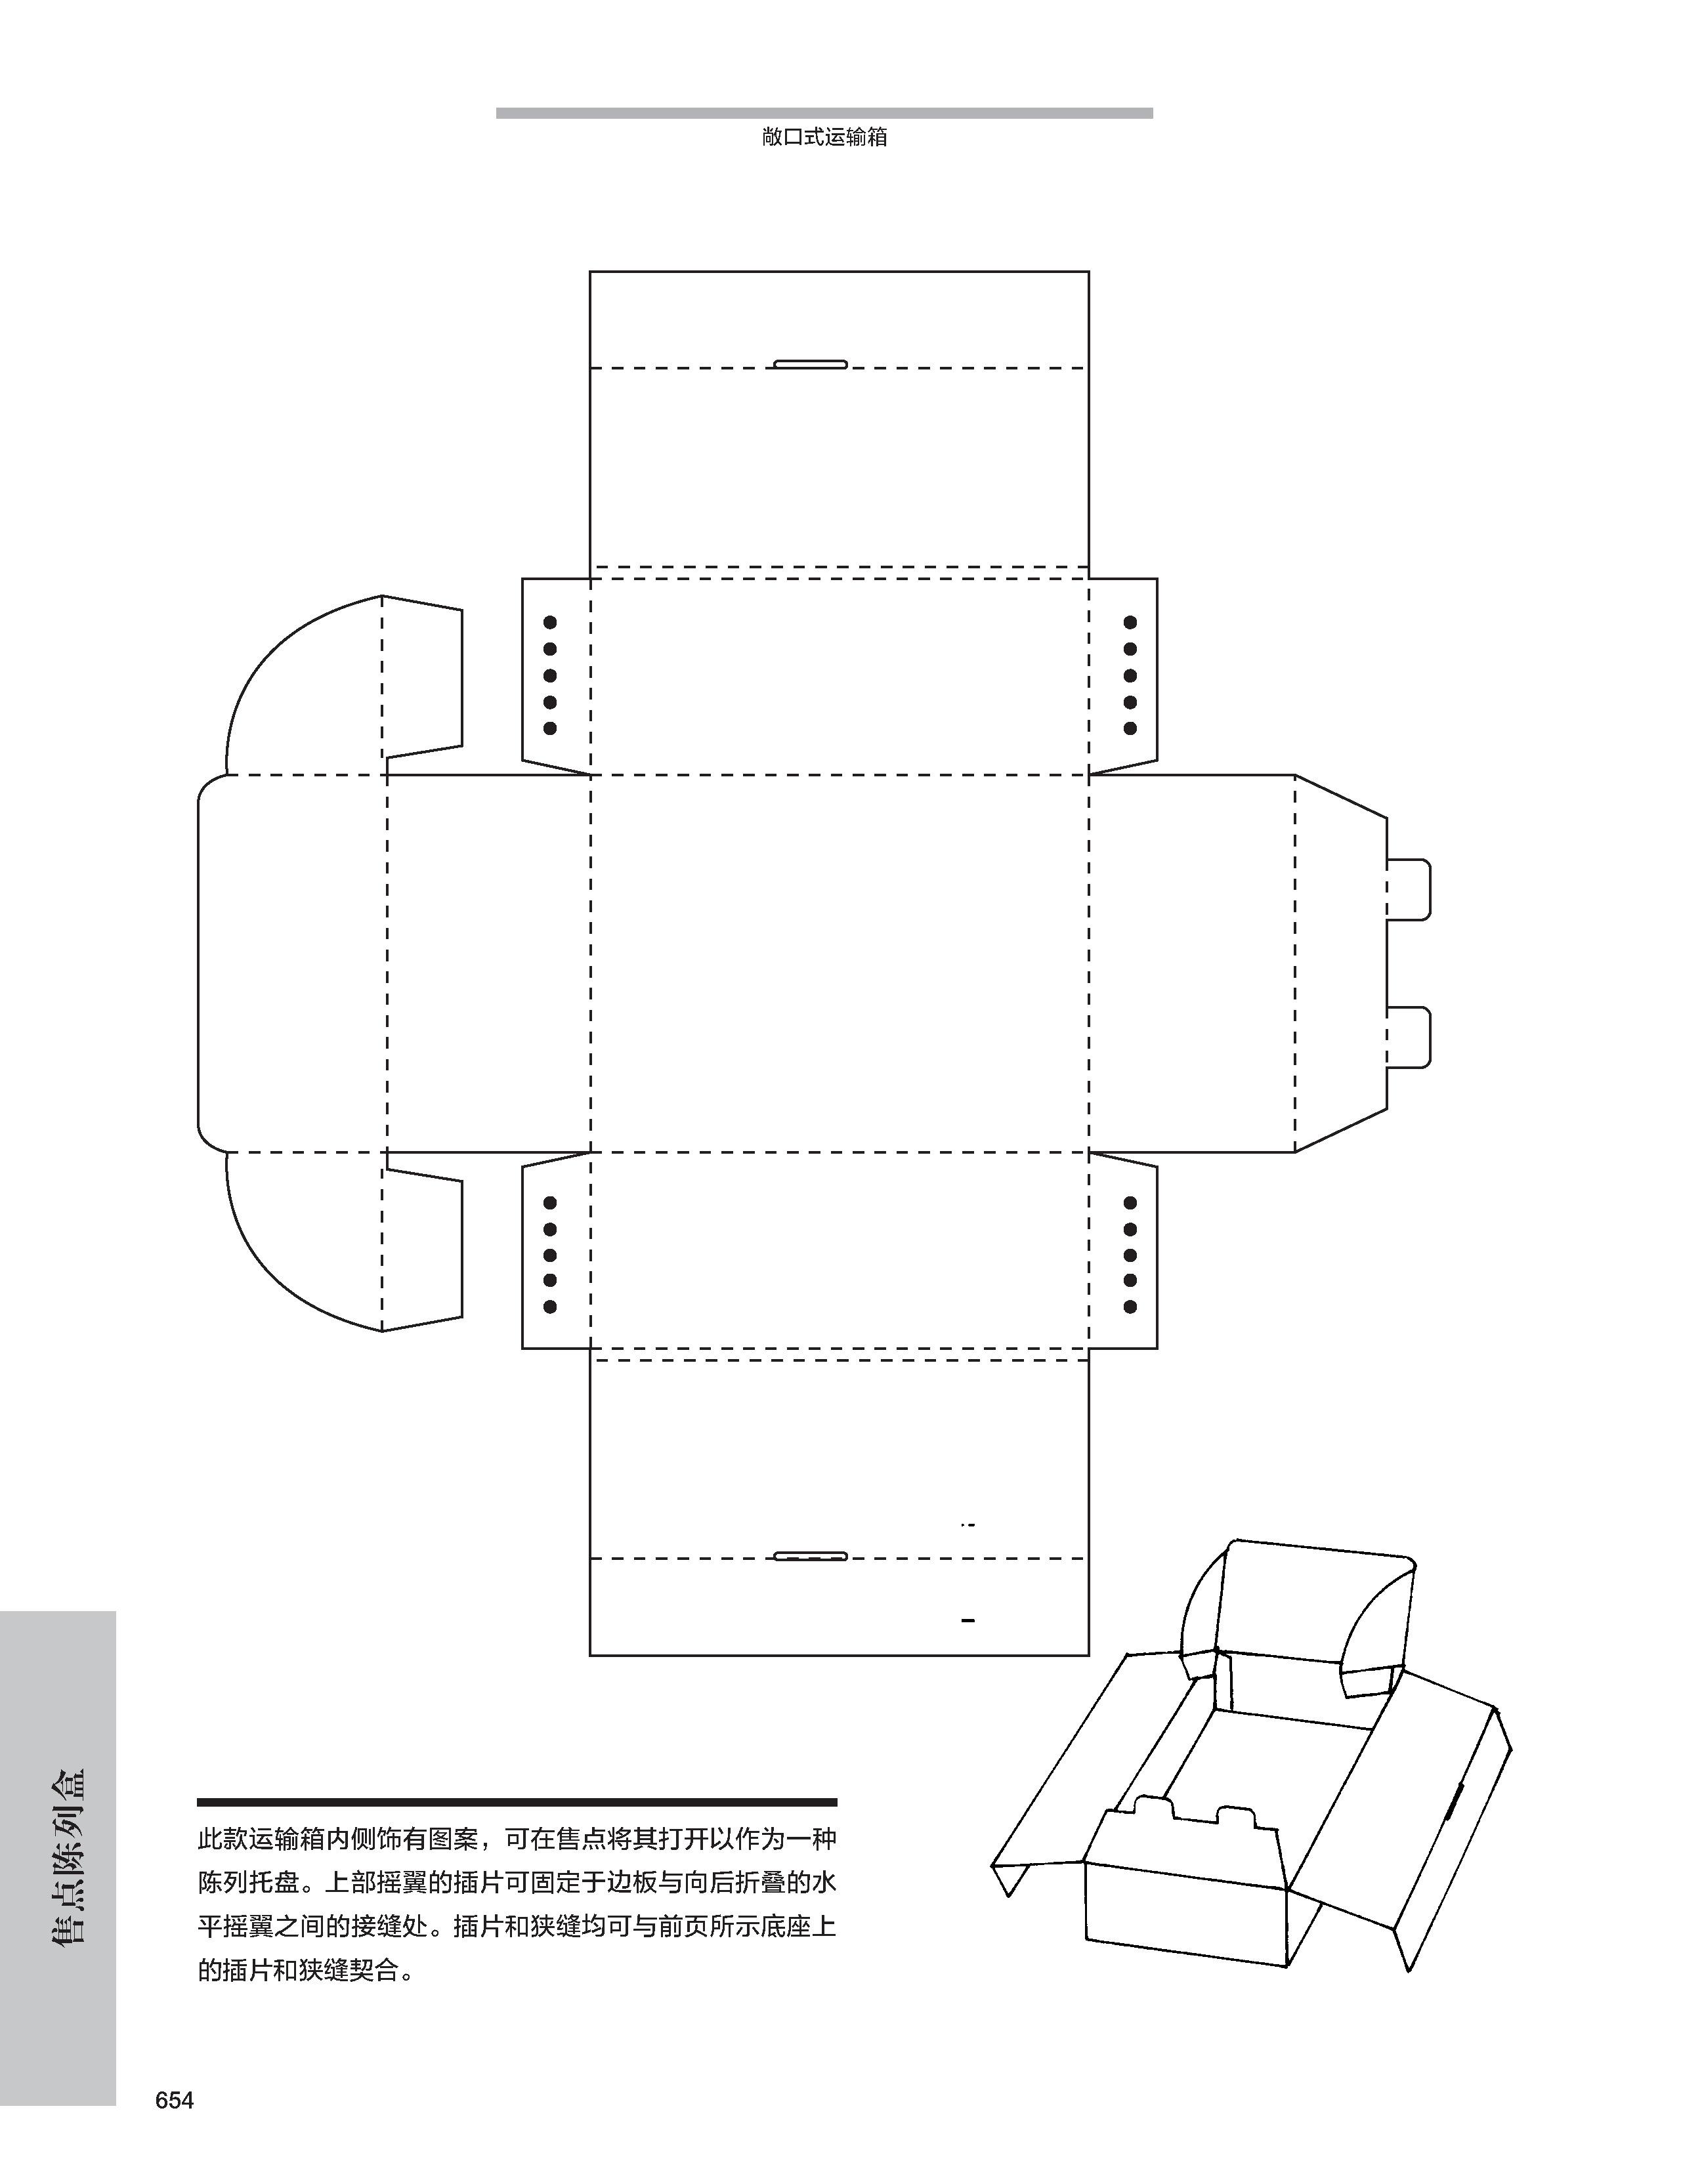 包含多种盒型的平面图和效果图,如折叠纸盒,托盘盒,管式盒,套盒